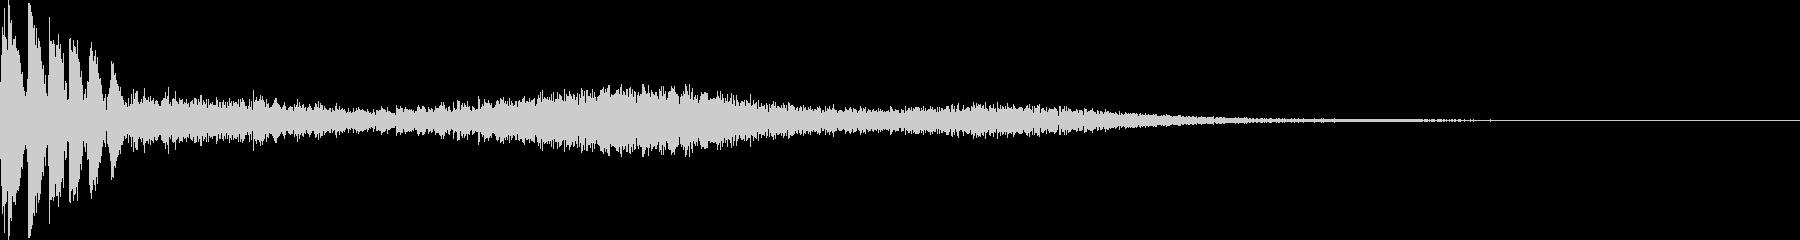 キャンセル音(バシュー)の未再生の波形